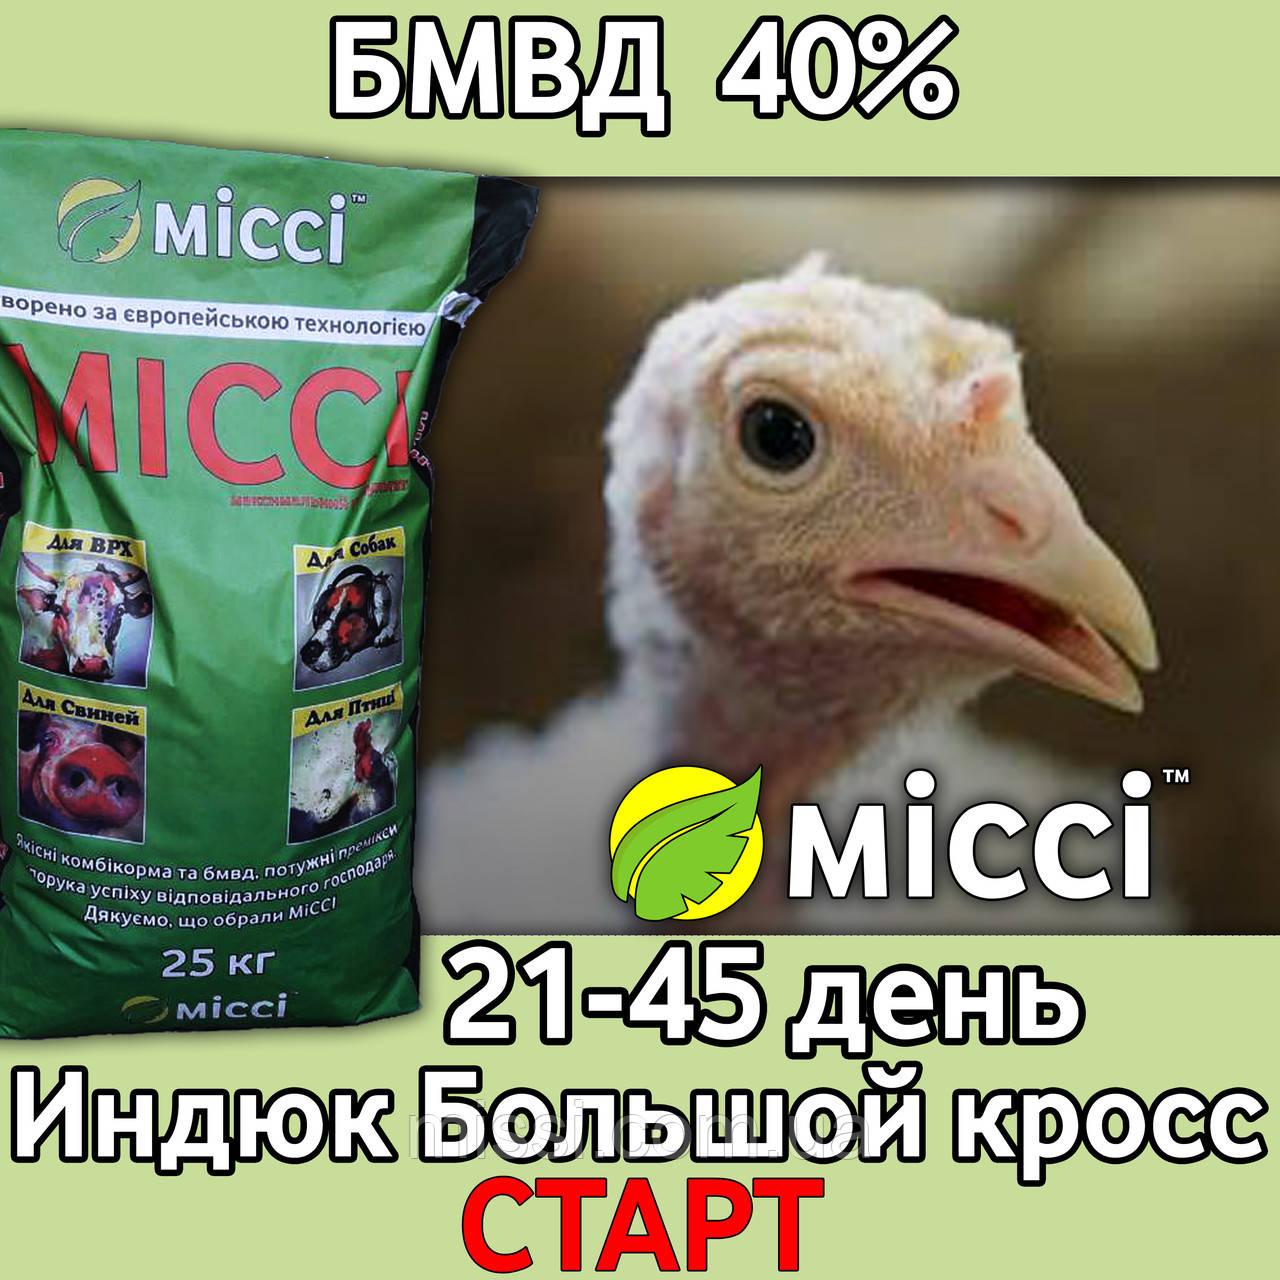 БМВД 40% Індик важкий крос СТАРТ Міссі